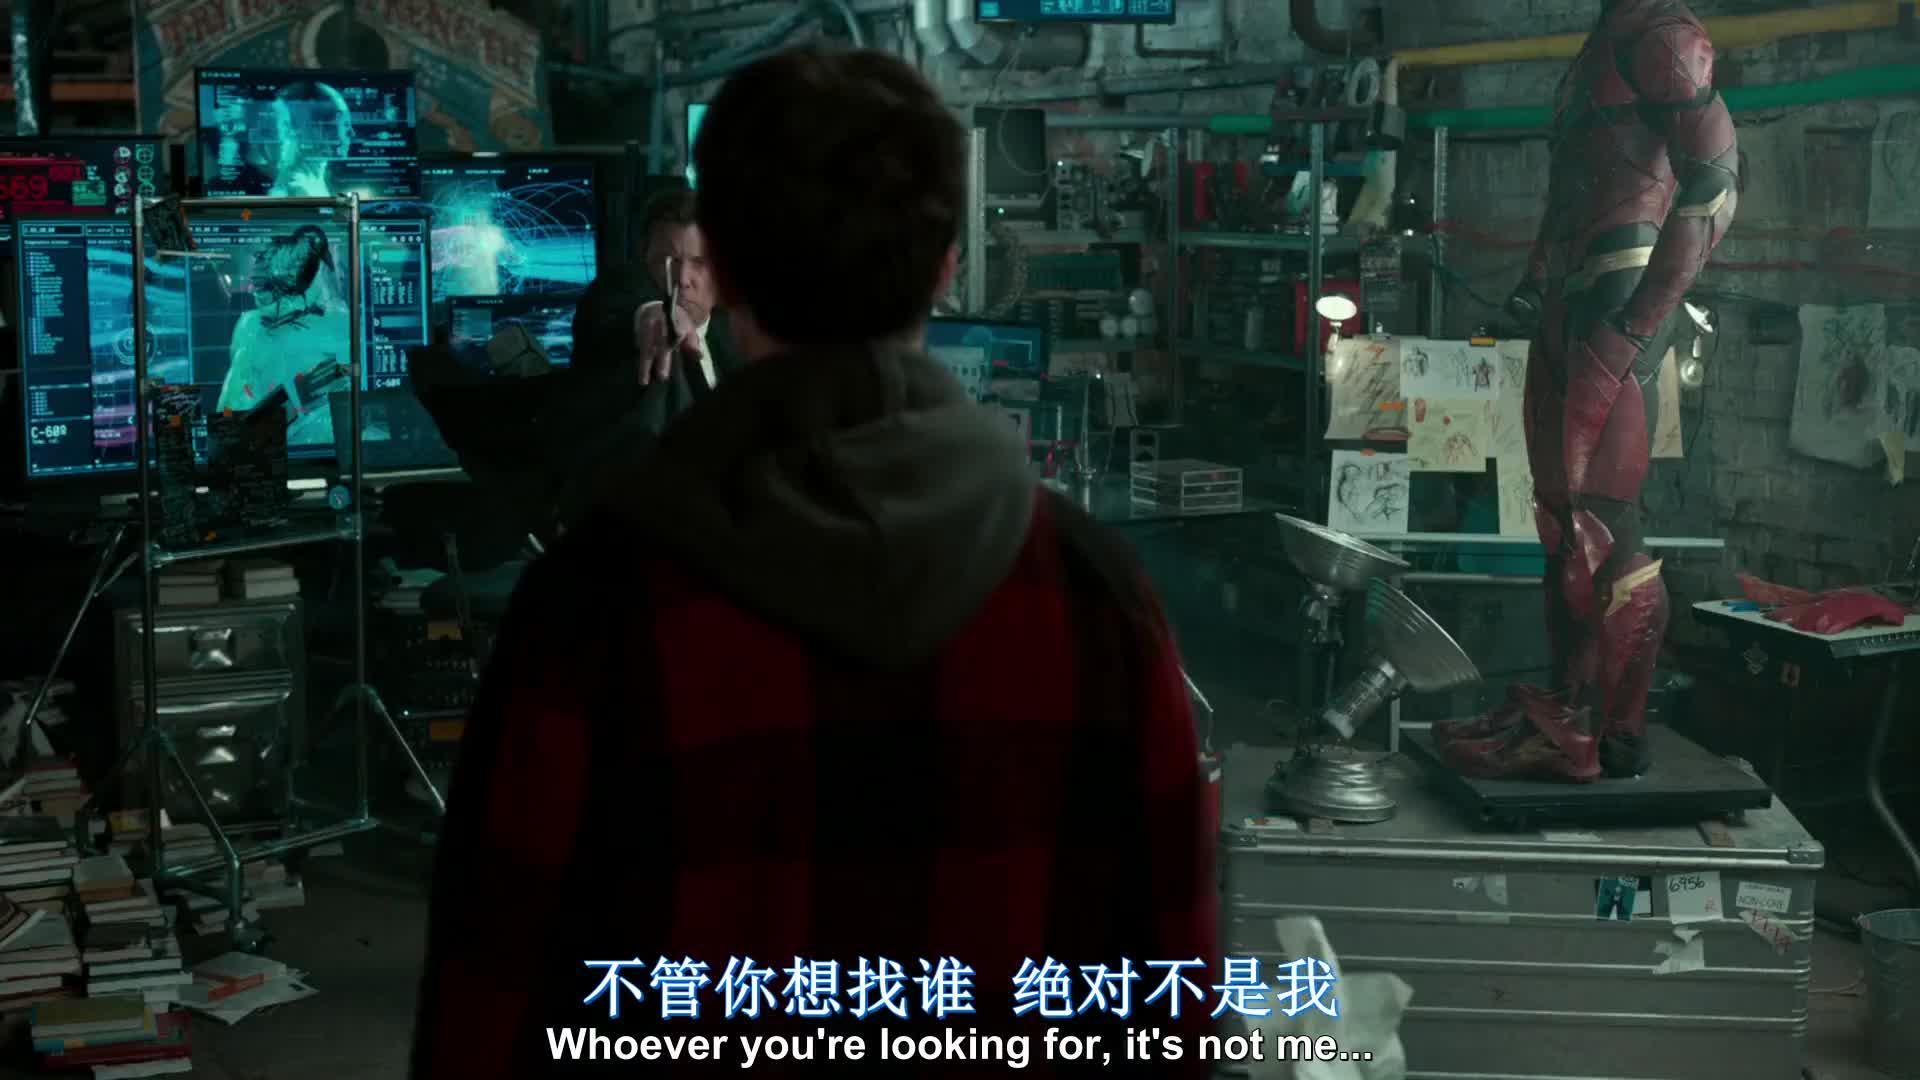 #电影迷的修养#【正义联盟】超人:闪电侠你跑得真慢__01